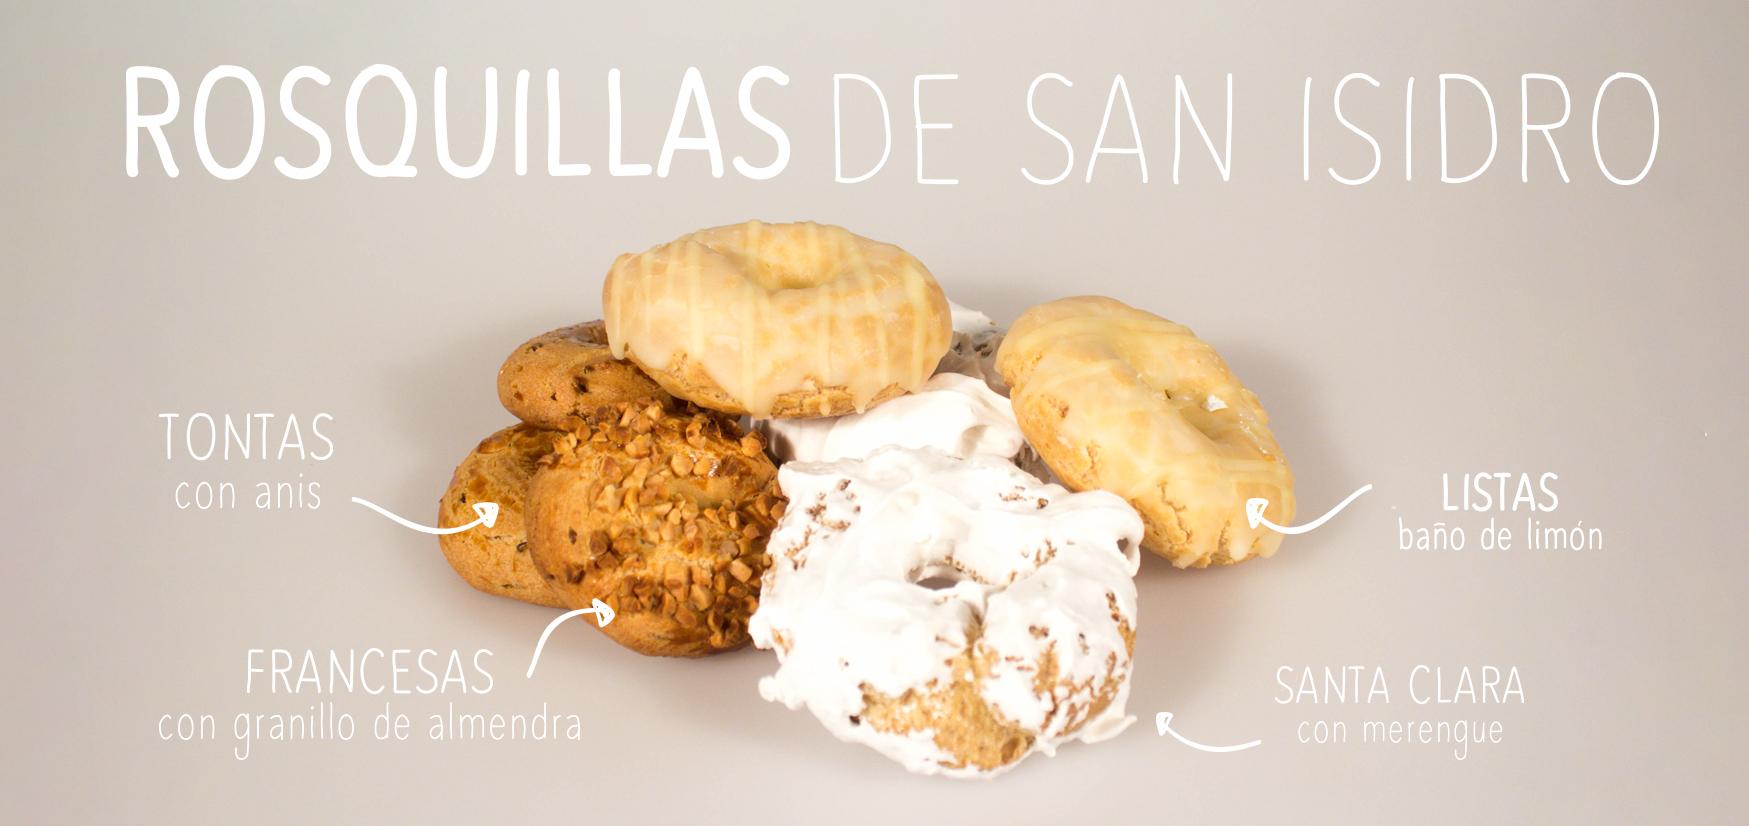 Rosquillas de San Isidro - Panishop